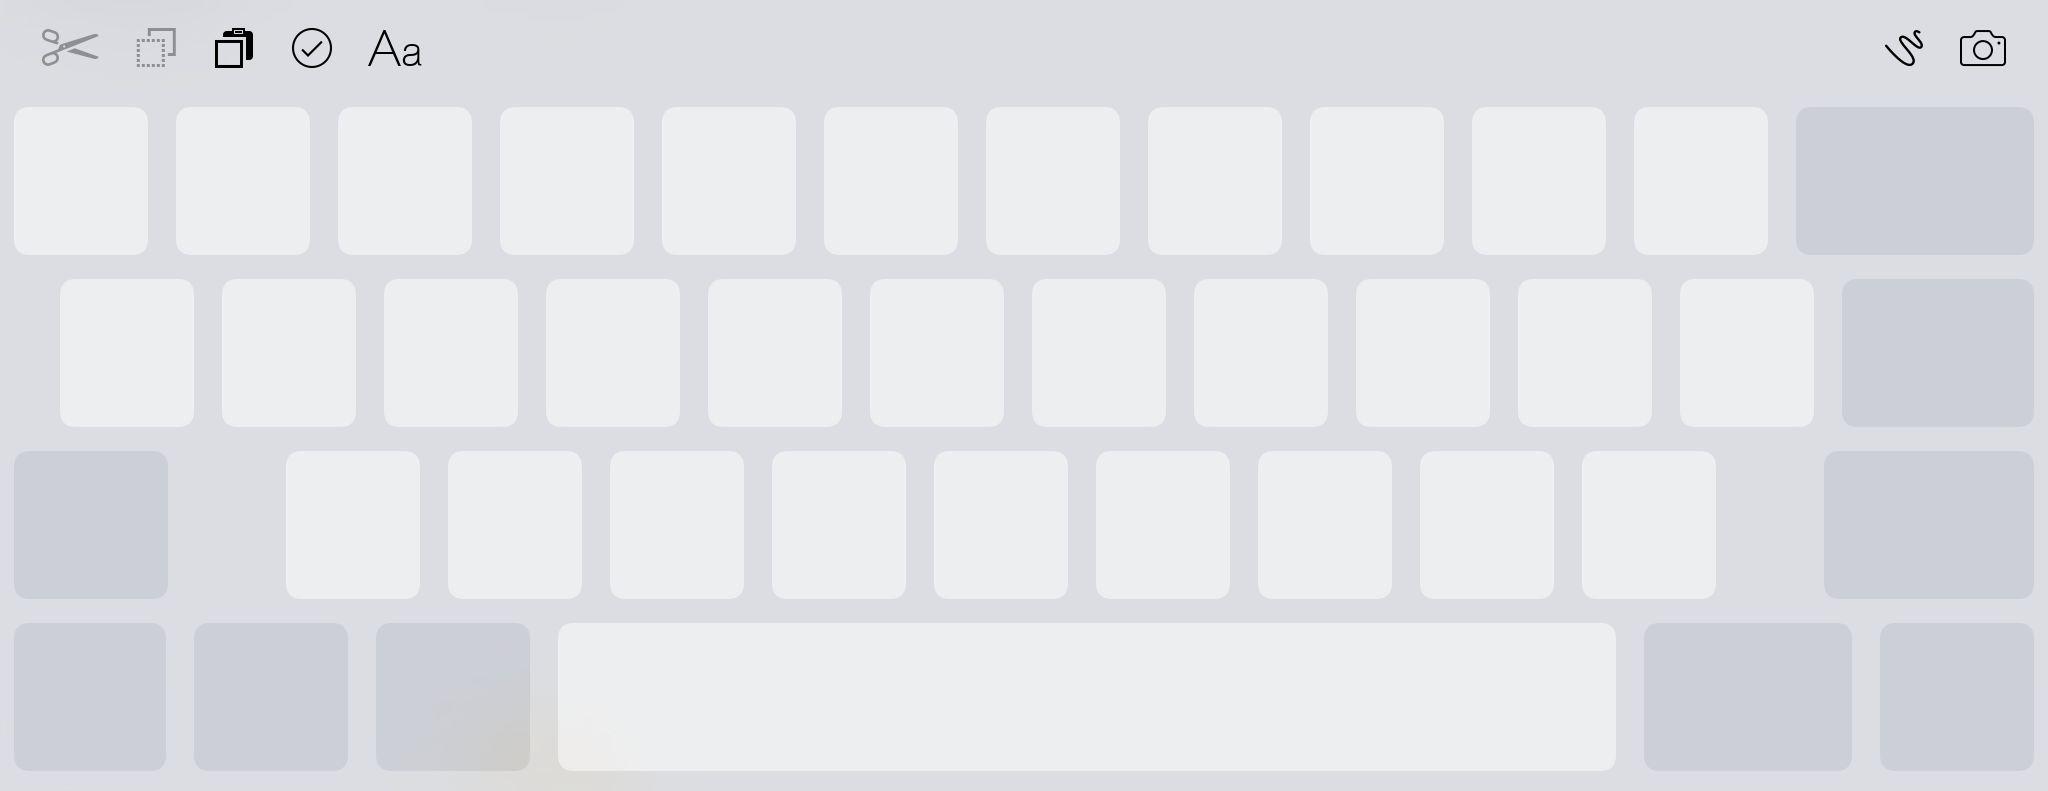 Med en gang du begynner å bruke to fingre på tastaturet, gråer bokstavene over og skjermen blir til en pekeplate som lar deg flytte markøren rundt. Funksjonen var meget god på iPad, men litt vanskeligere å bruke på en mindre iPhone-skjerm. Foto: Finn Jarle Kvalheim, Tek.no